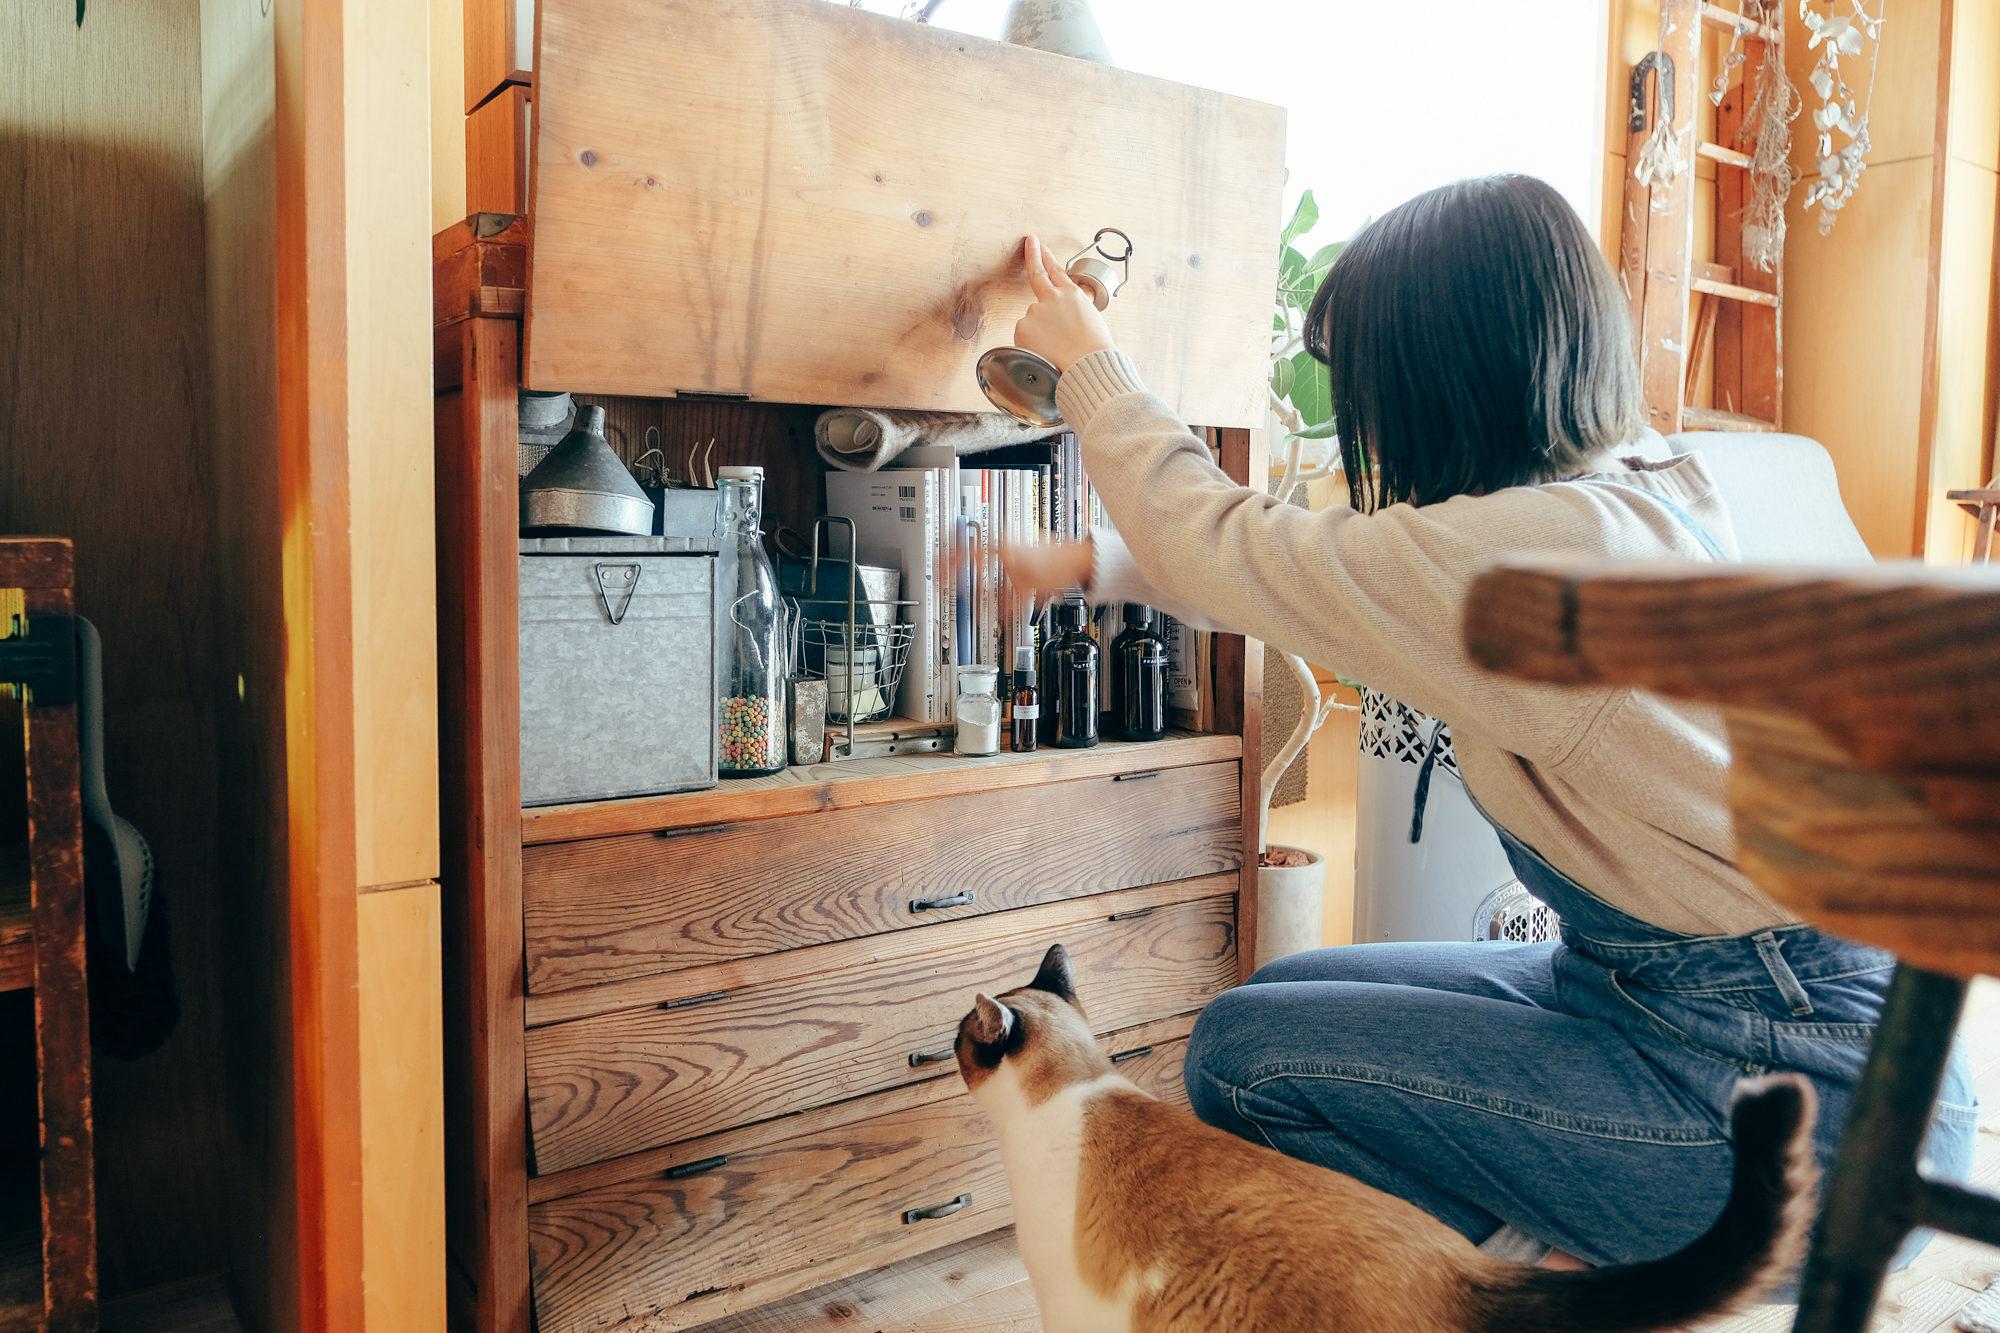 こちらの棚はペットの餌や書類など、表に出しっぱなしにしておきたくないものを収納しているそう。何度も開け閉めしてもまったくヘタレない強さがあるようです。